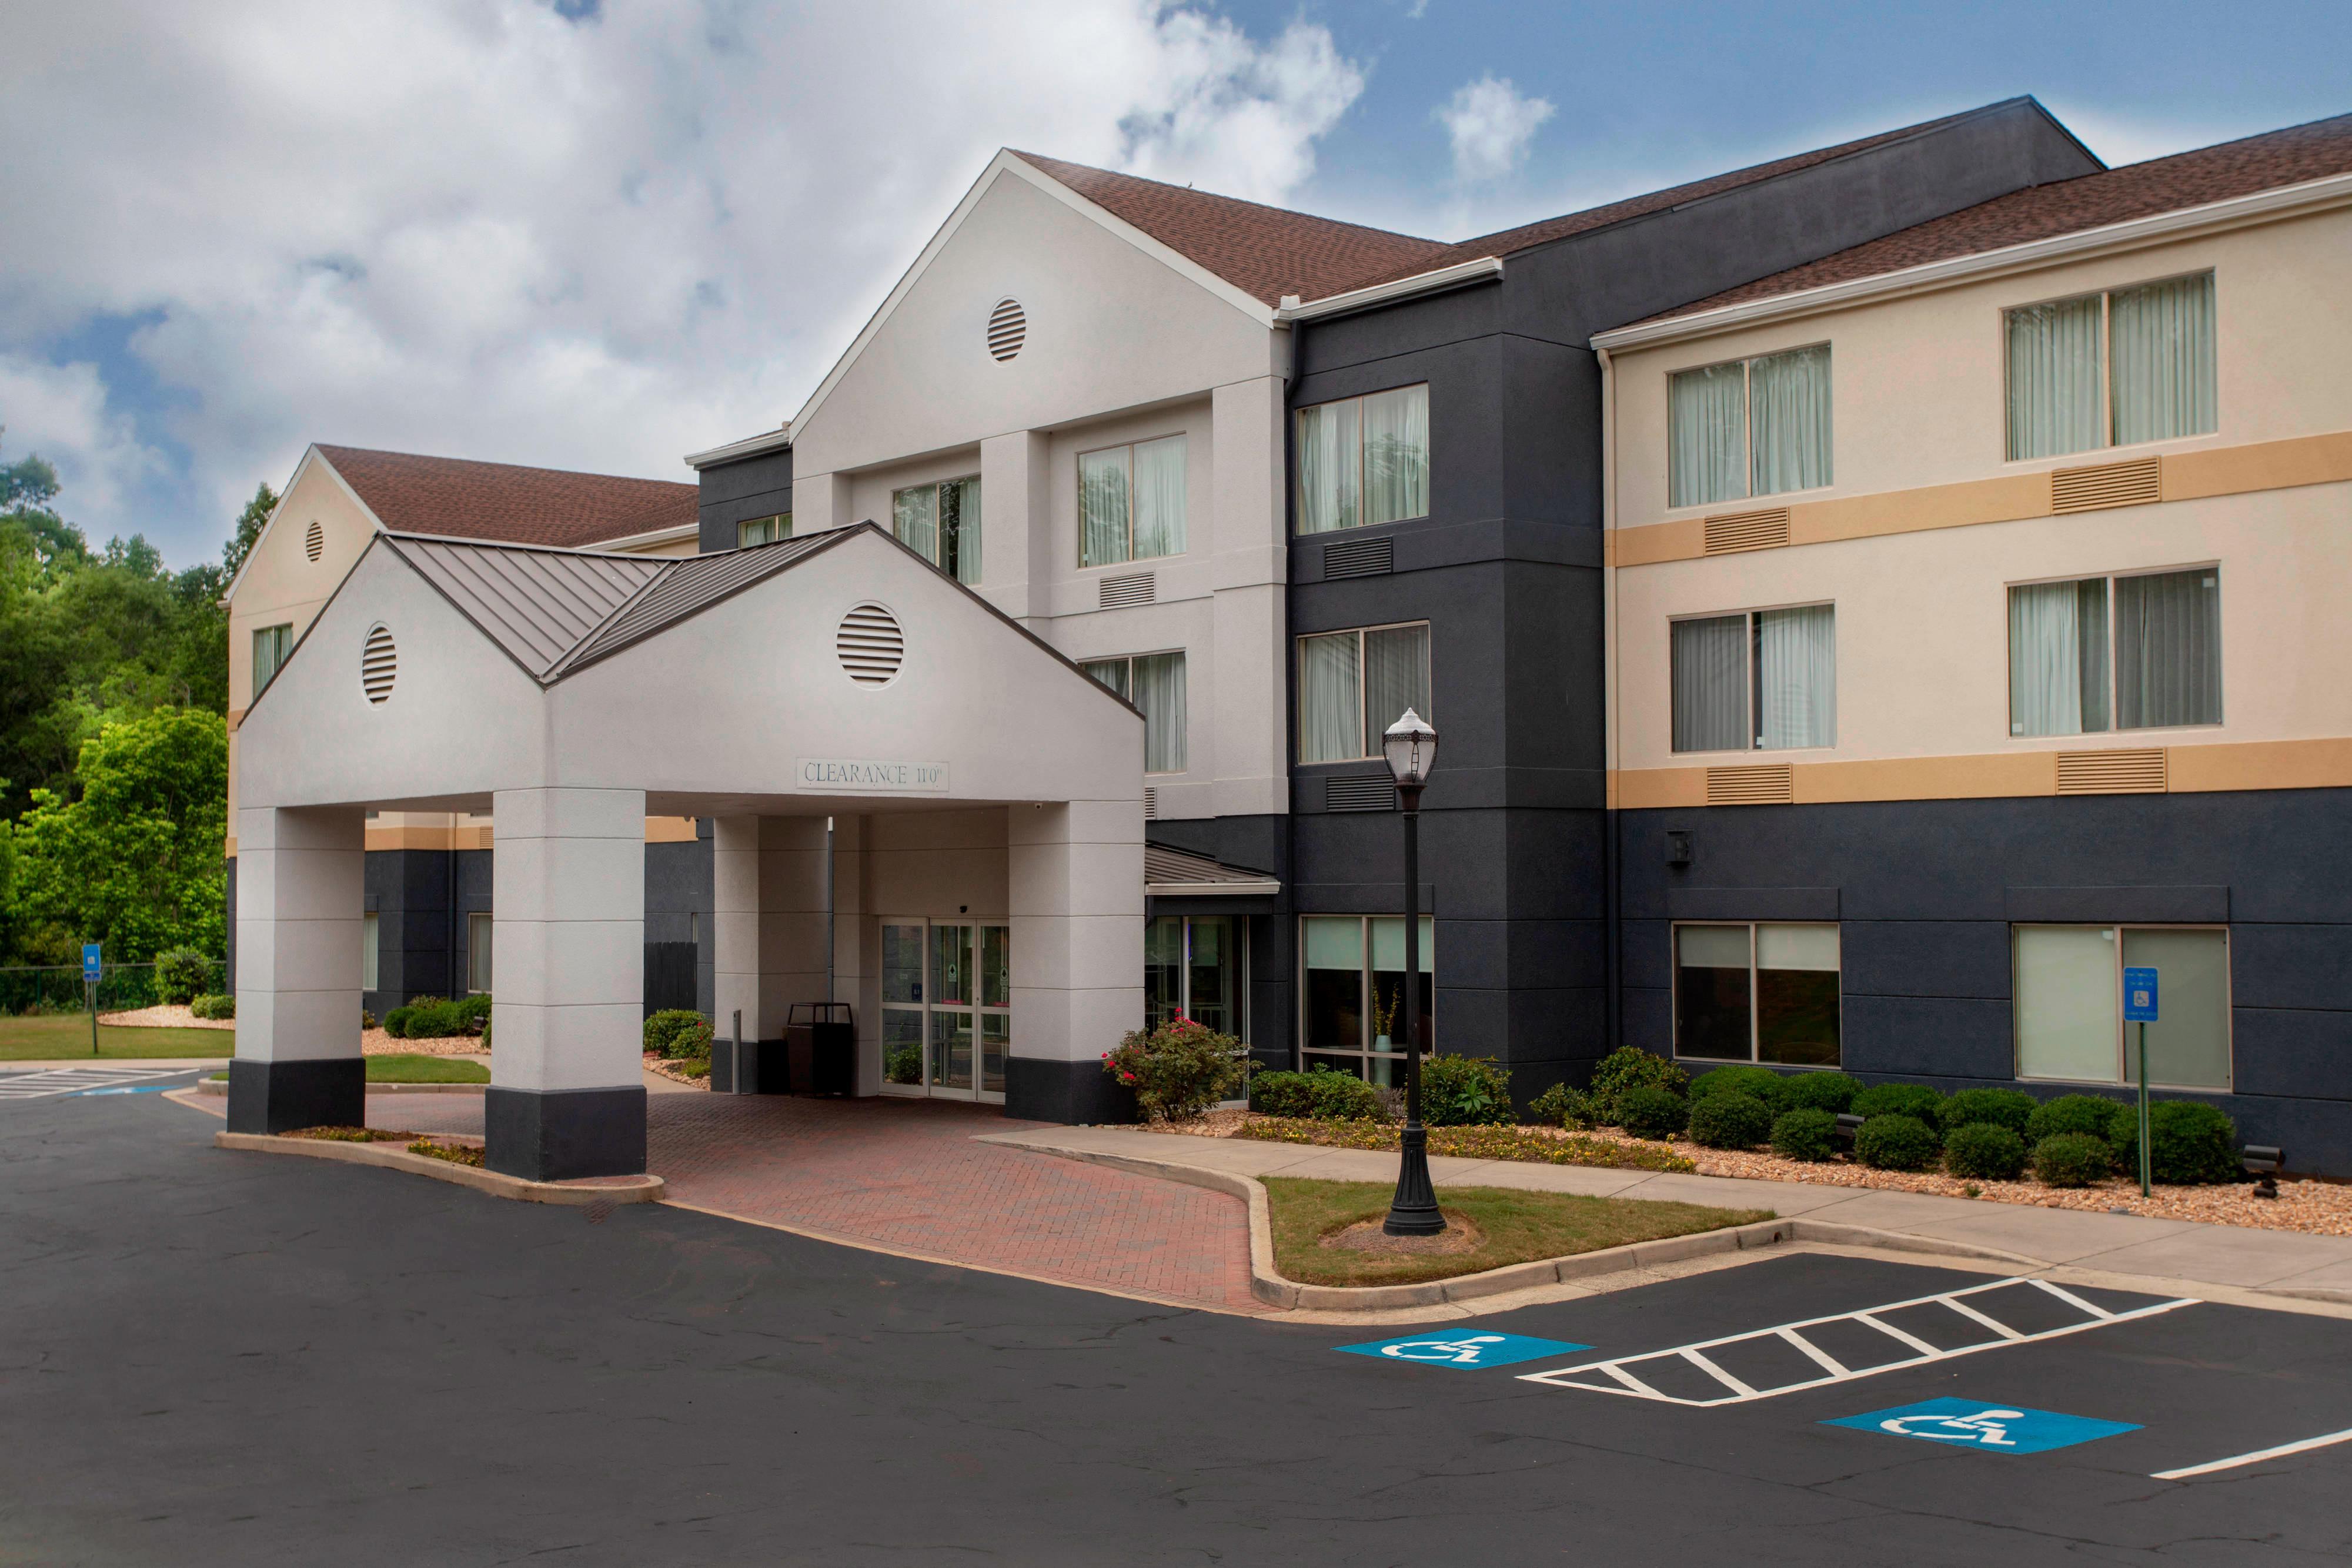 Fairfield Inn & Suites By Marriott Macon